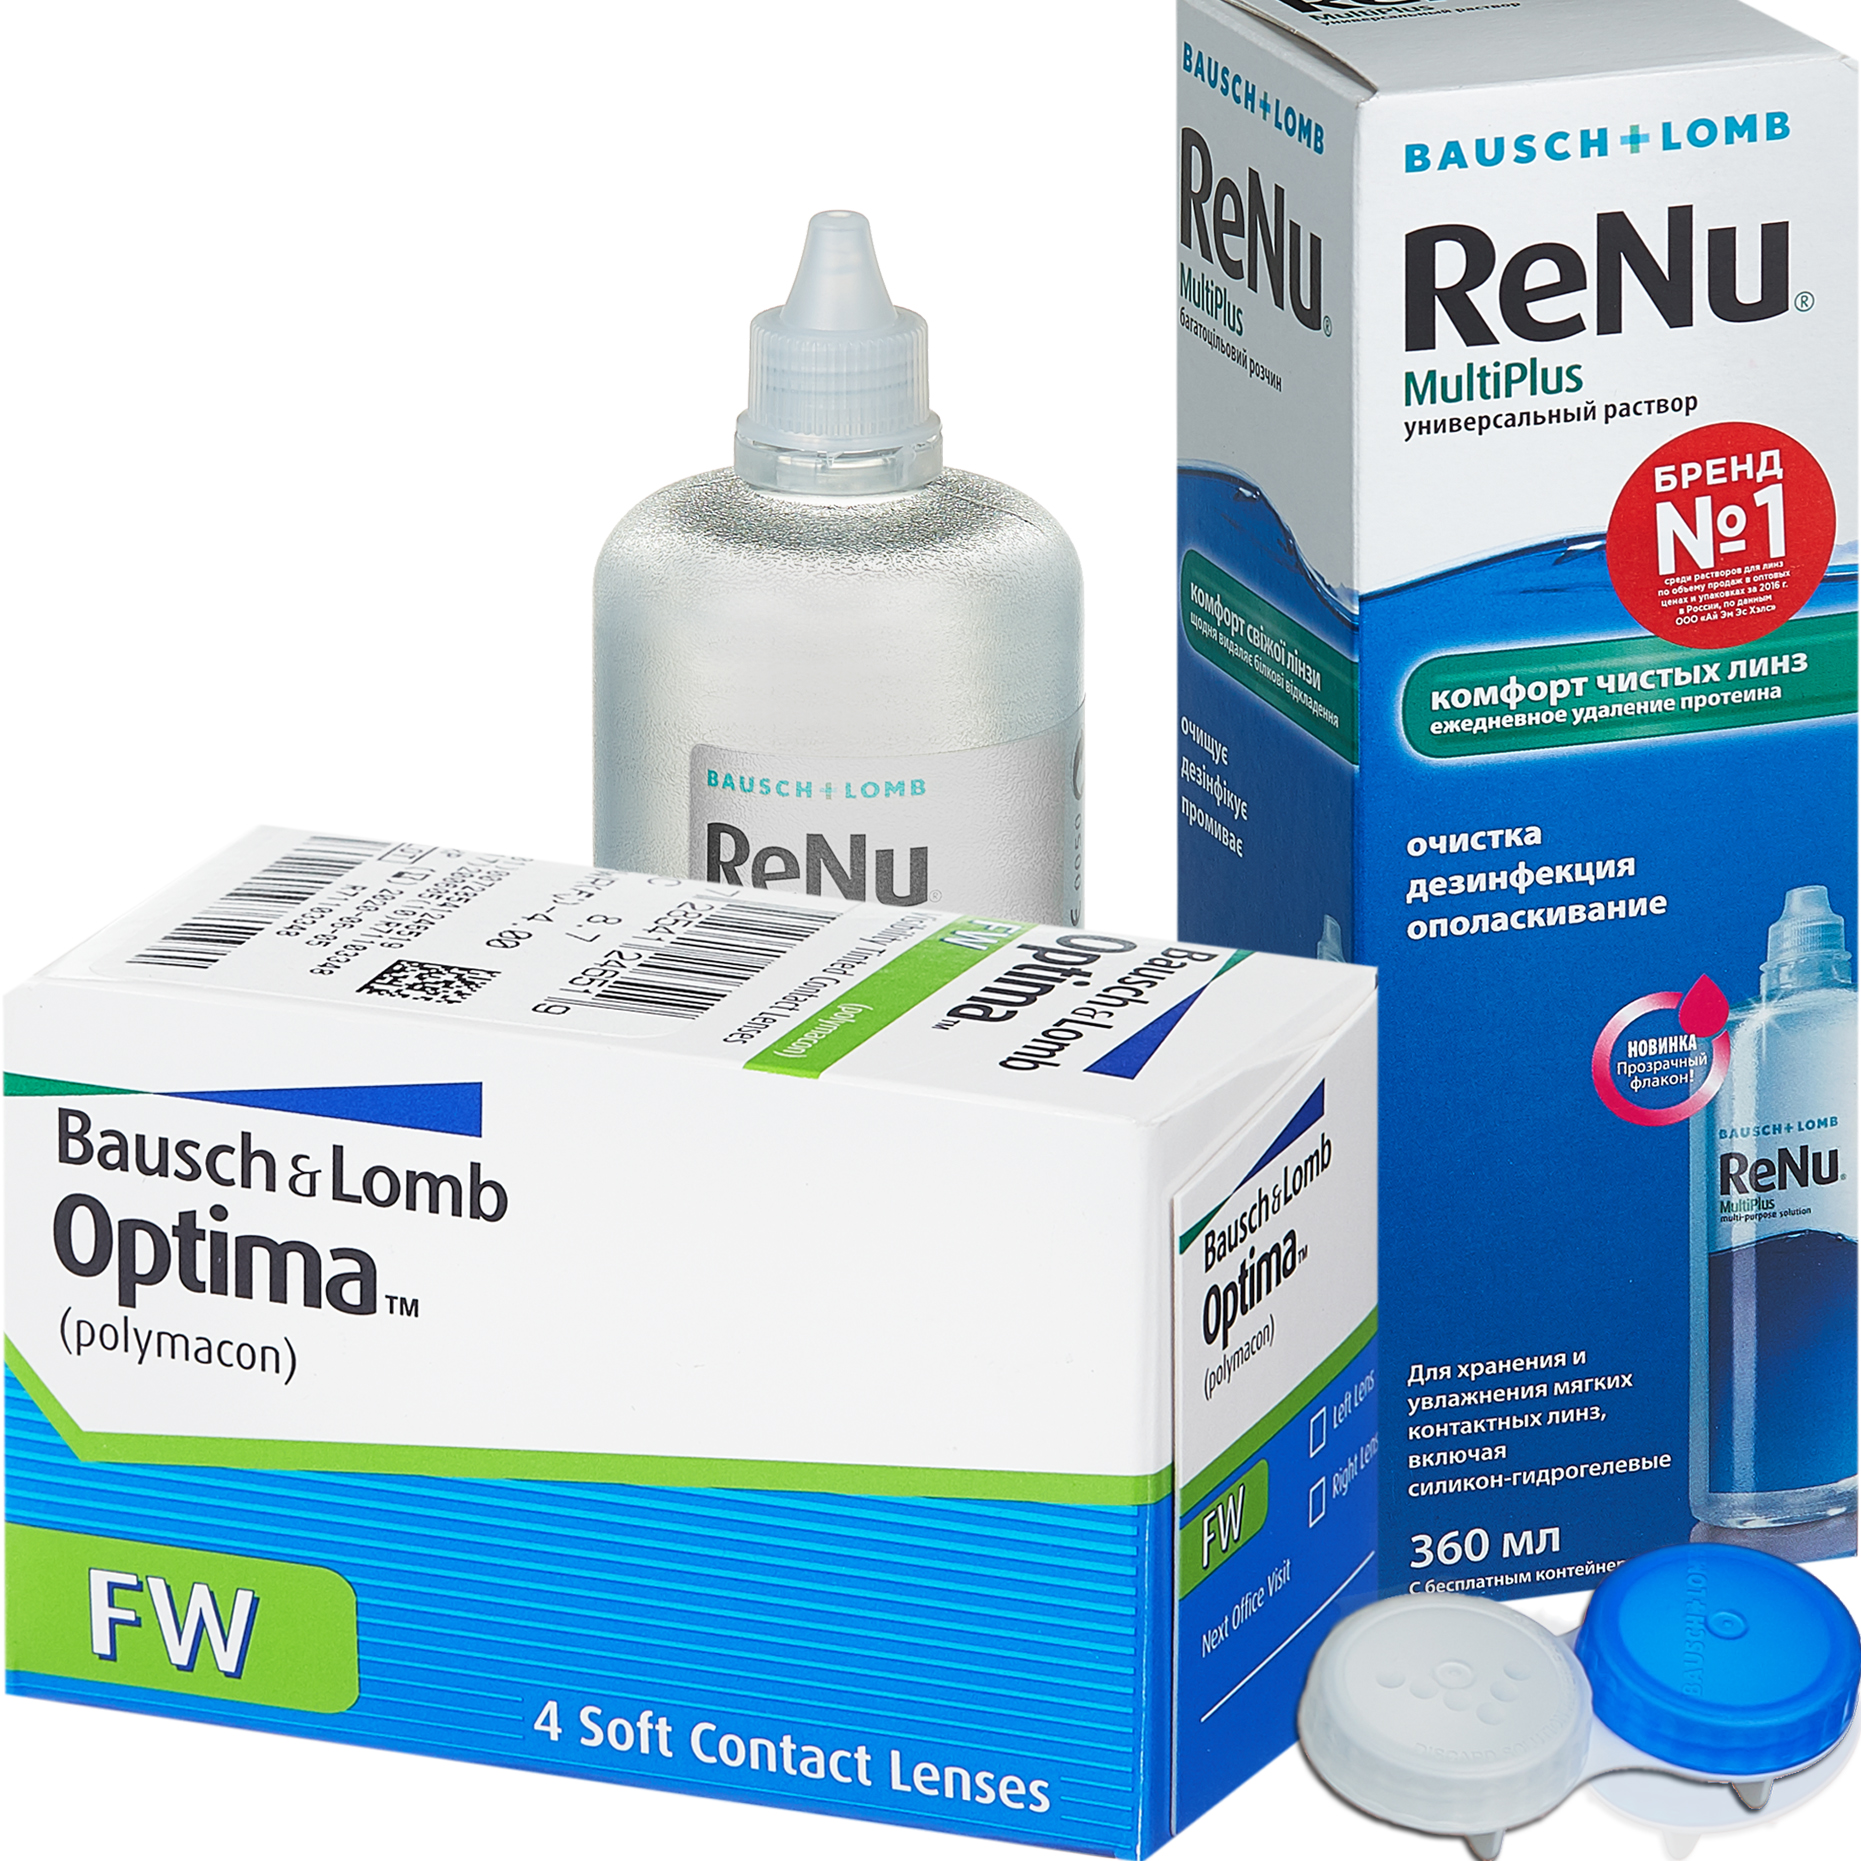 Купить Optima FW 4 линзы + ReNu MultiPlus, Контактные линзы Optima FW 4 линзы R 8.7 -5, 50 + Раствор ReNu Multi Plus 360 мл